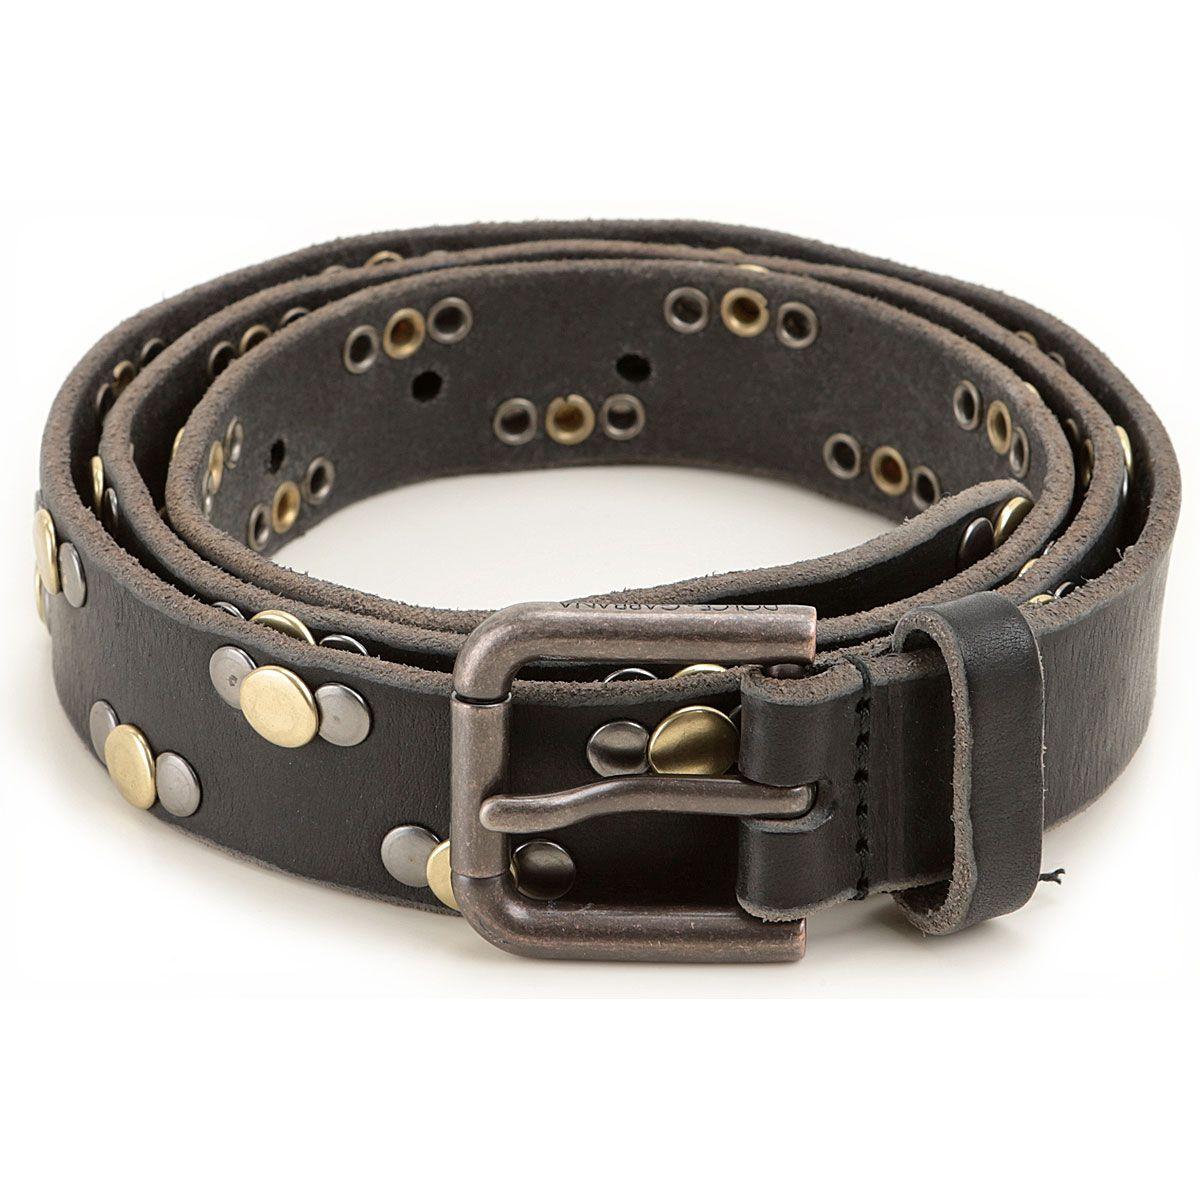 a8364a581b Cinturones para Hombres Dolce & Gabbana, Detalle Modelo: bc3559-a1517-80999